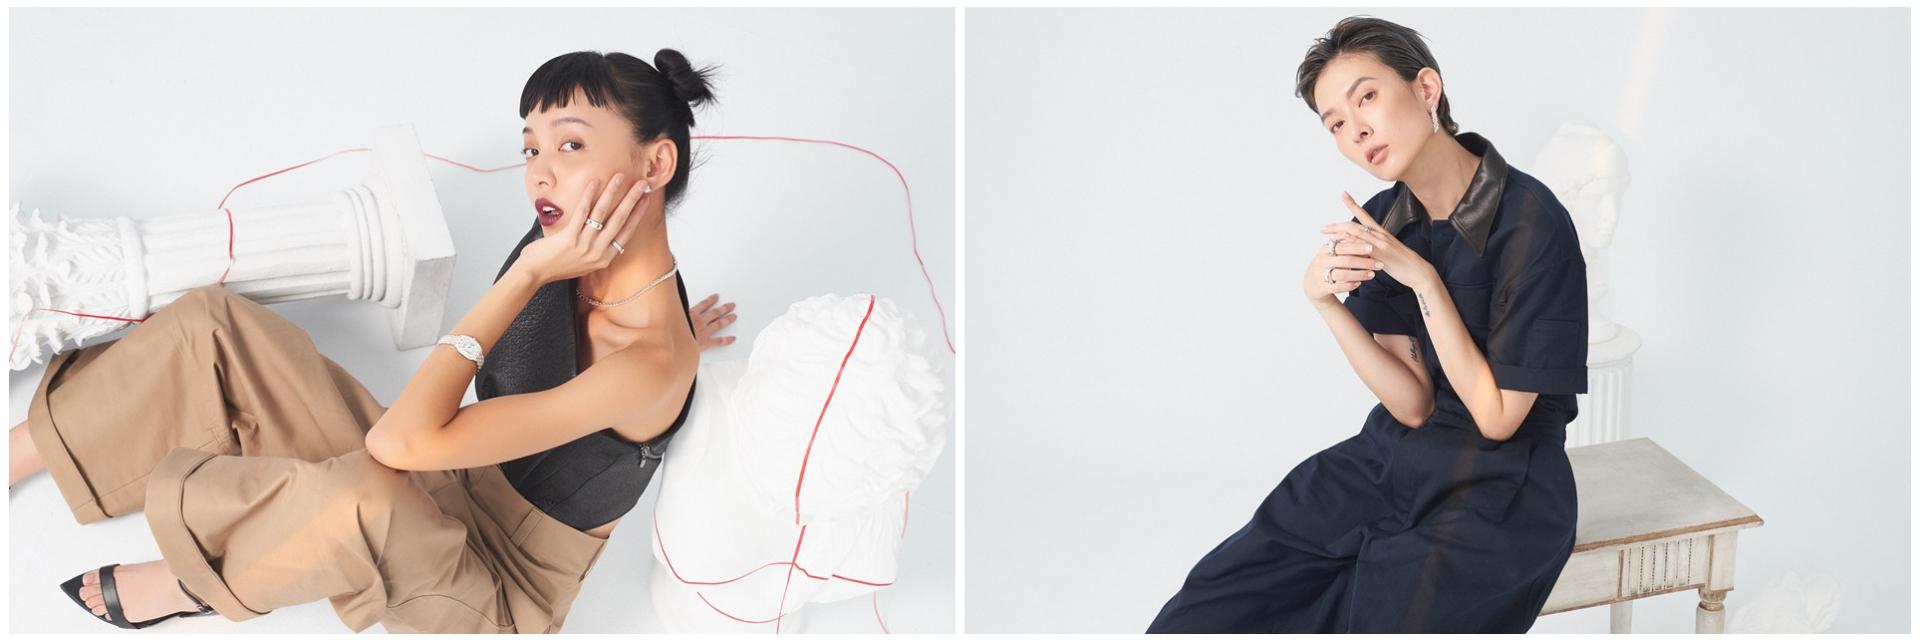 國際超模劉欣瑜、潮模李函打碎你的「完美」幻想 漂亮的日子原來是這樣